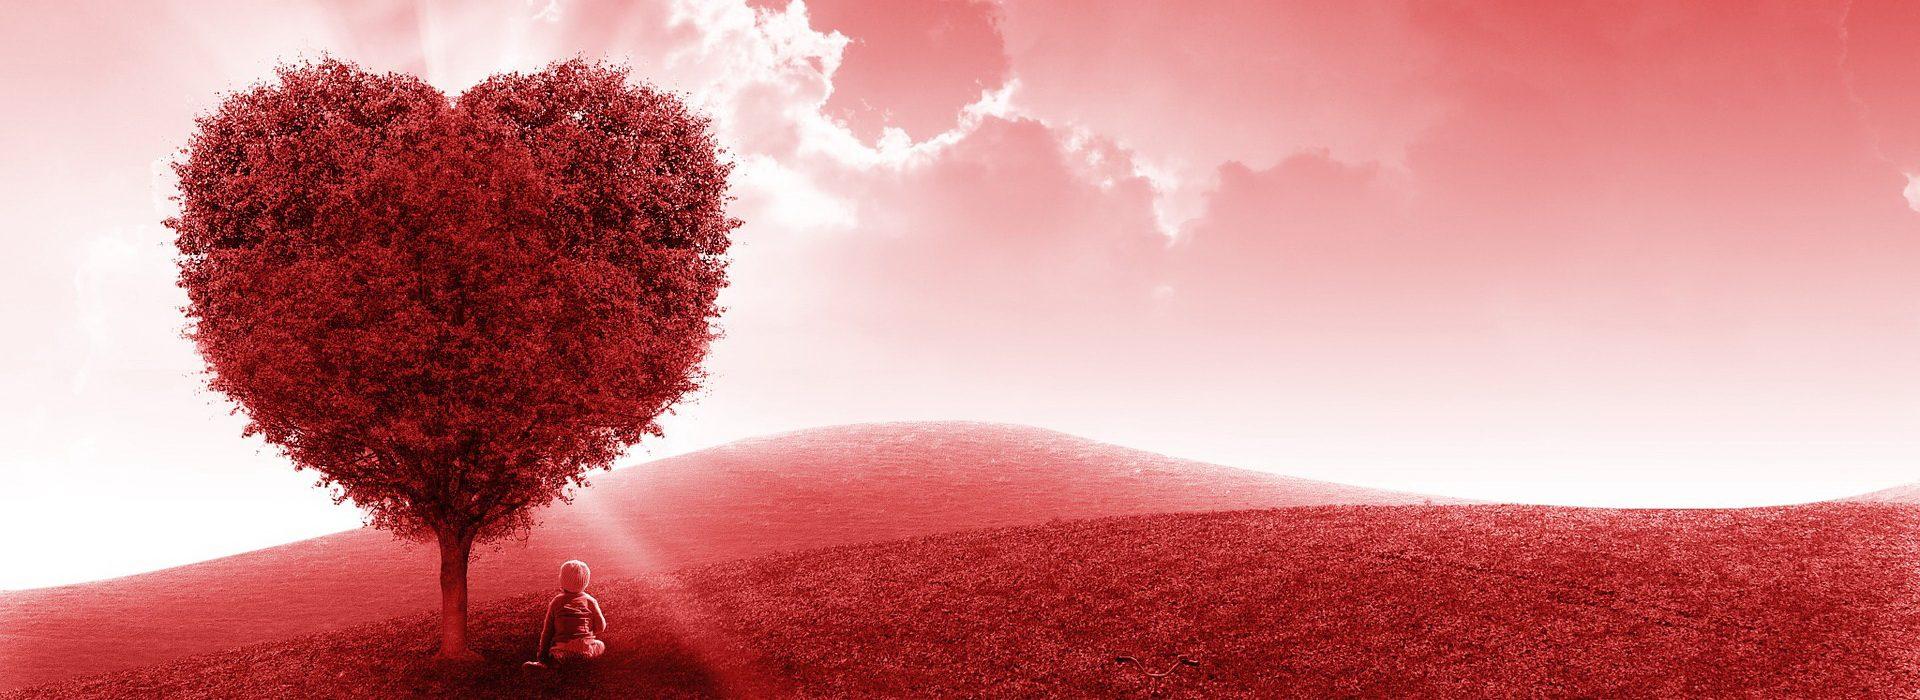 heart, red, field